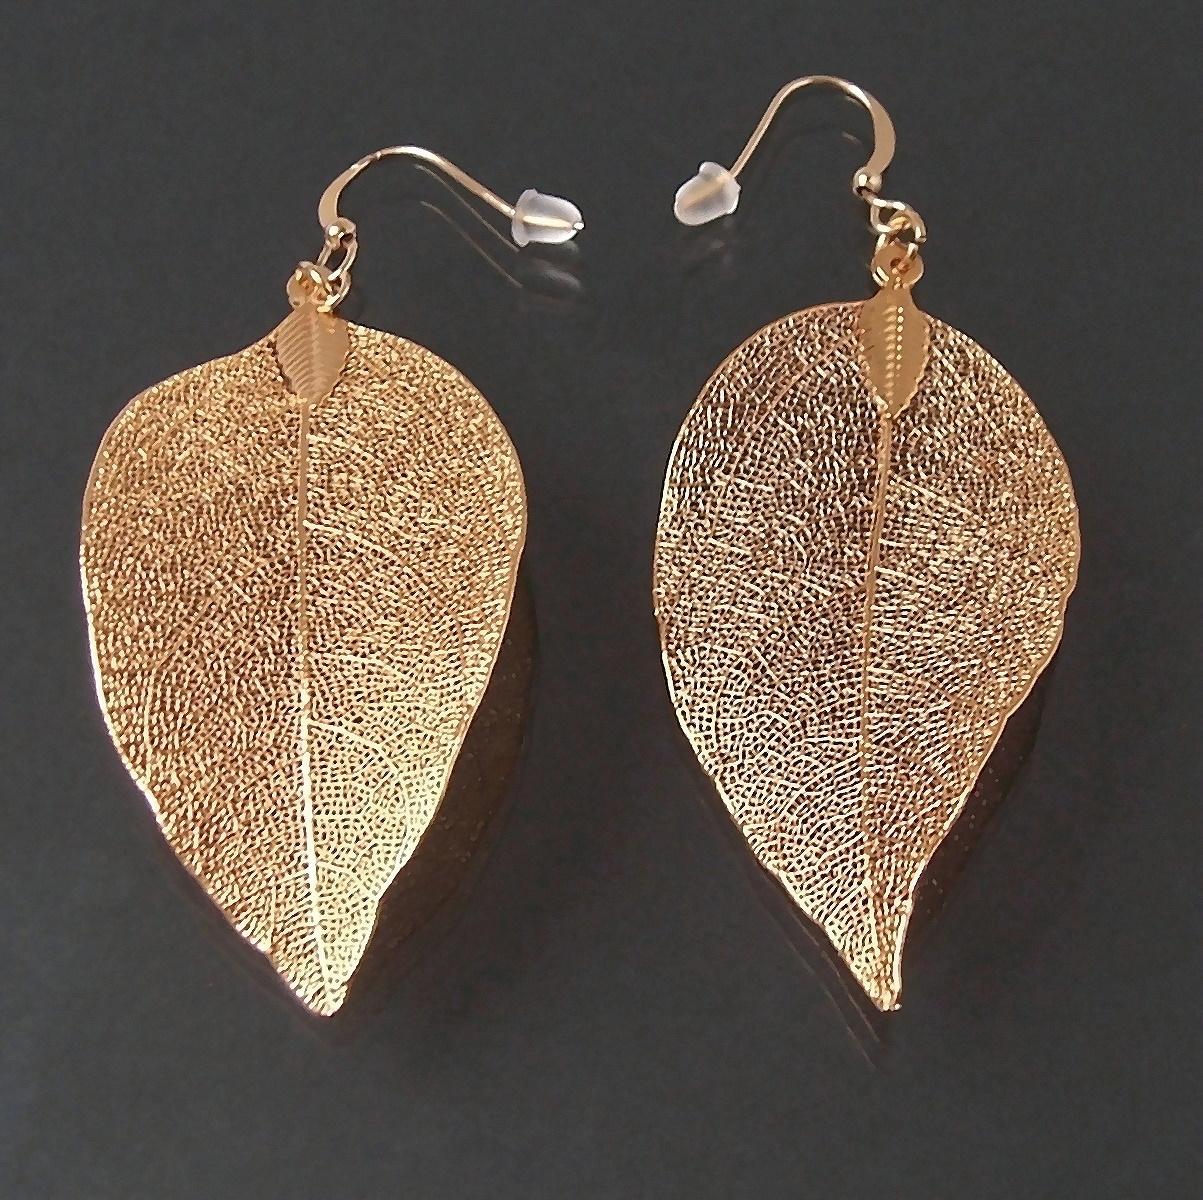 Ohrringe Ohrhänger Blatt Gold pl Schmuck Blattanhänger 5cm O719